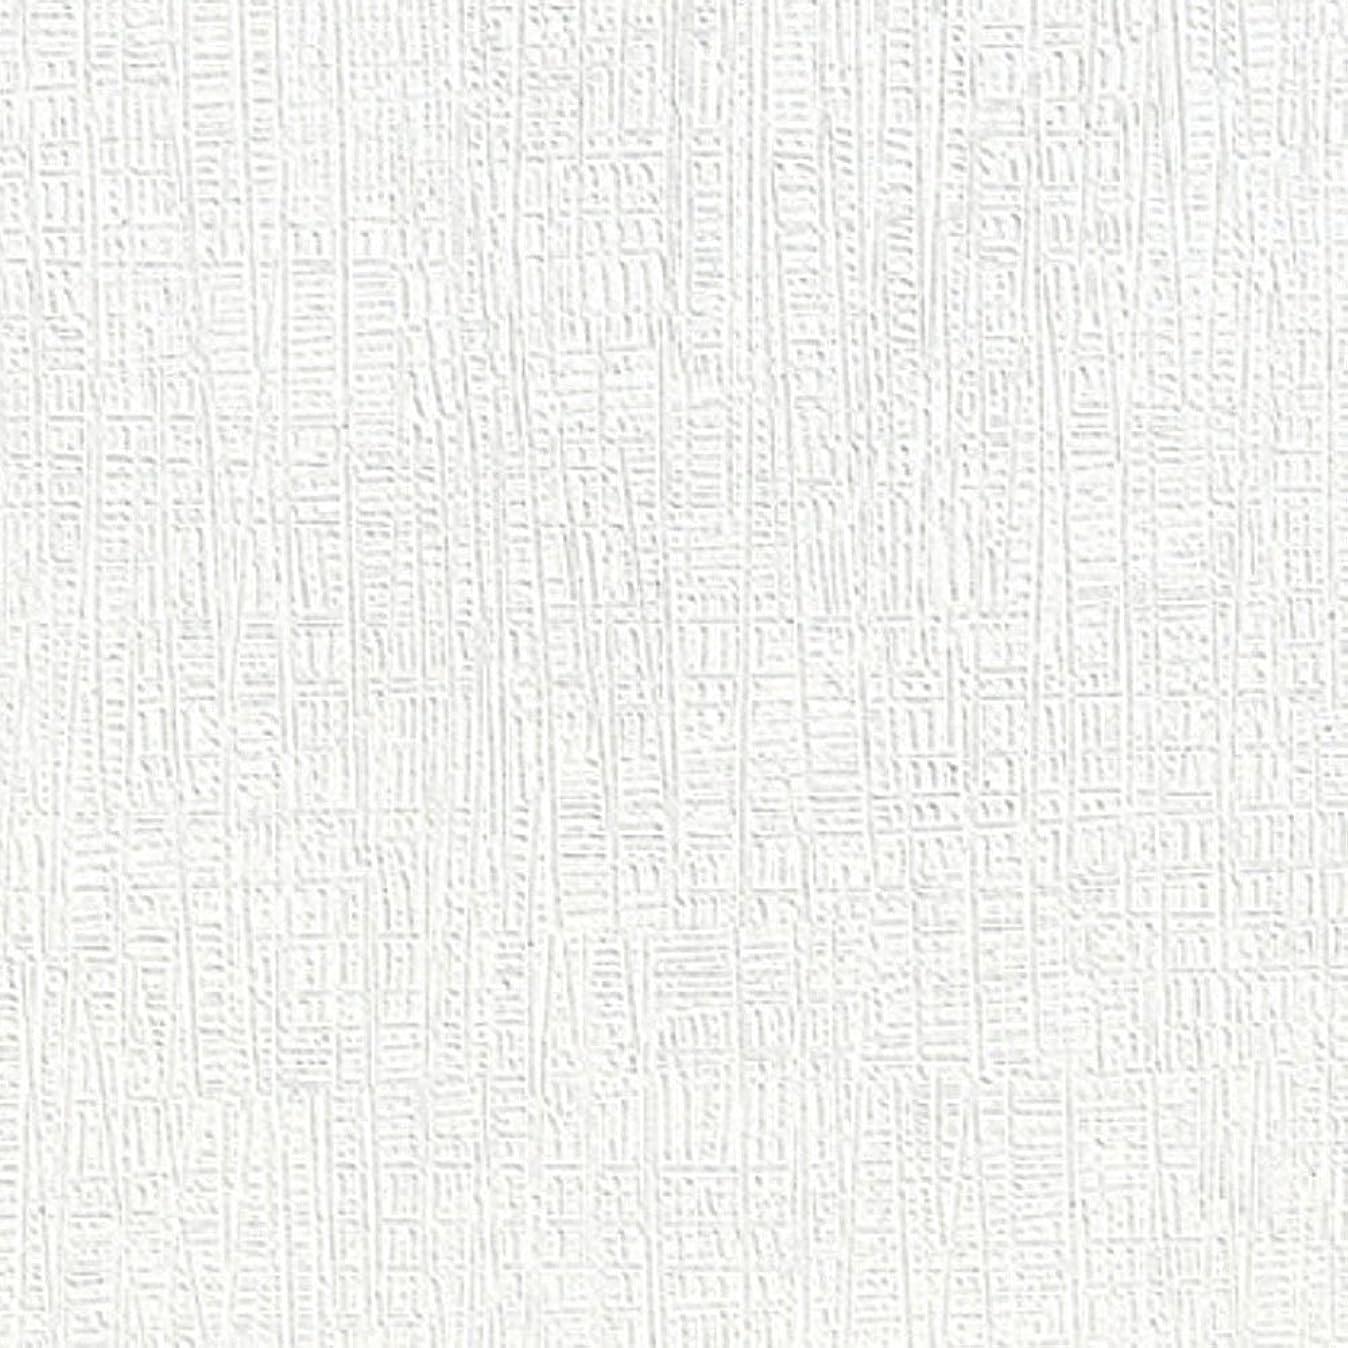 殺します味わう嵐が丘壁紙 シール 白 【ホワイト無地の貼ってはがせる壁紙シール】 幅50cm×15m単位 クロス のり付き リメイクシート 壁紙 シール ブリック